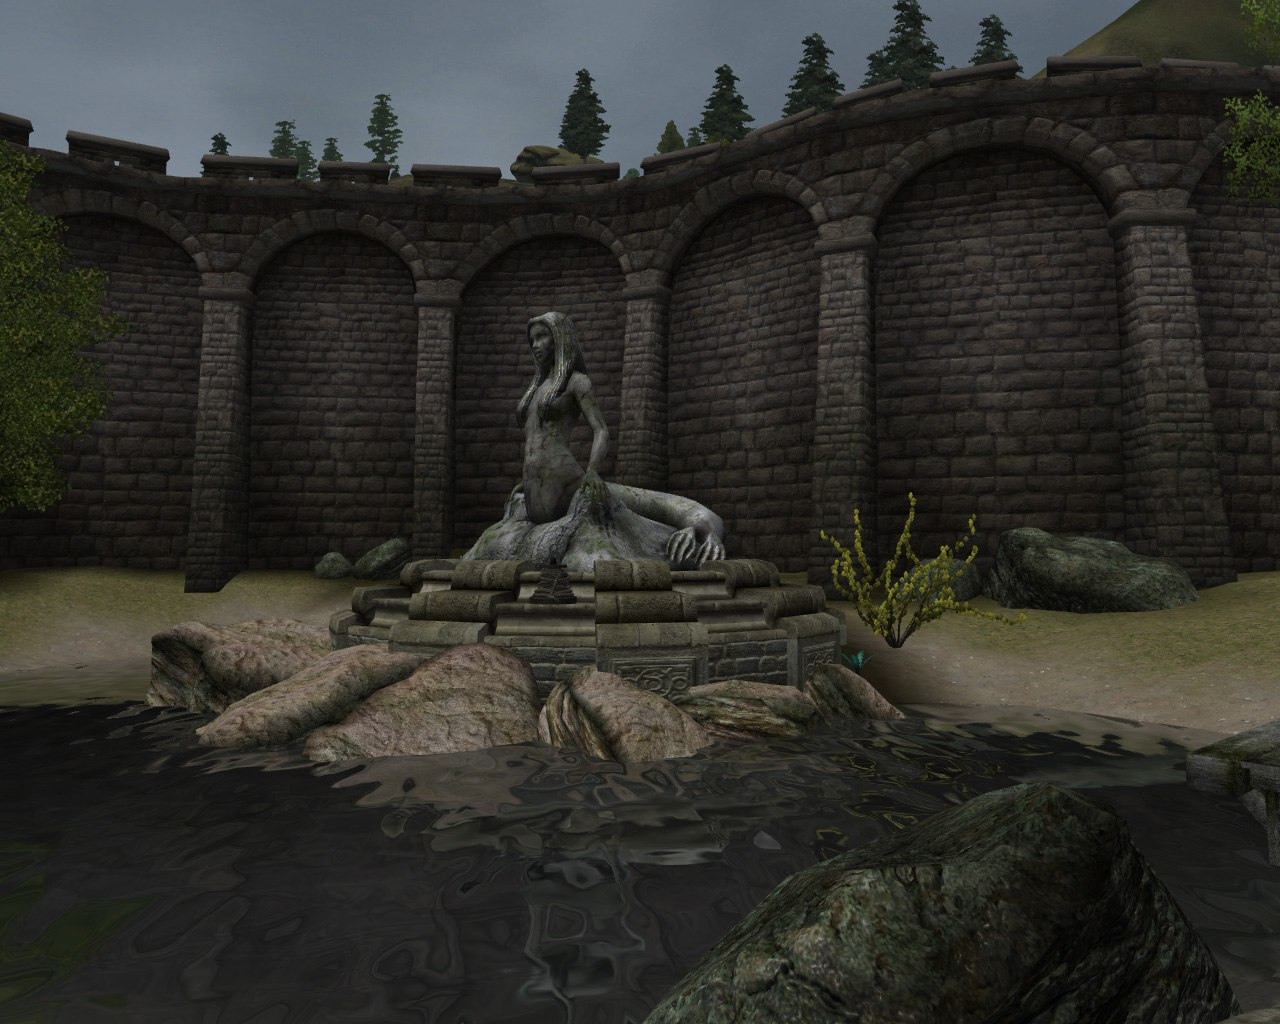 Статуя русалки Селке Анвил